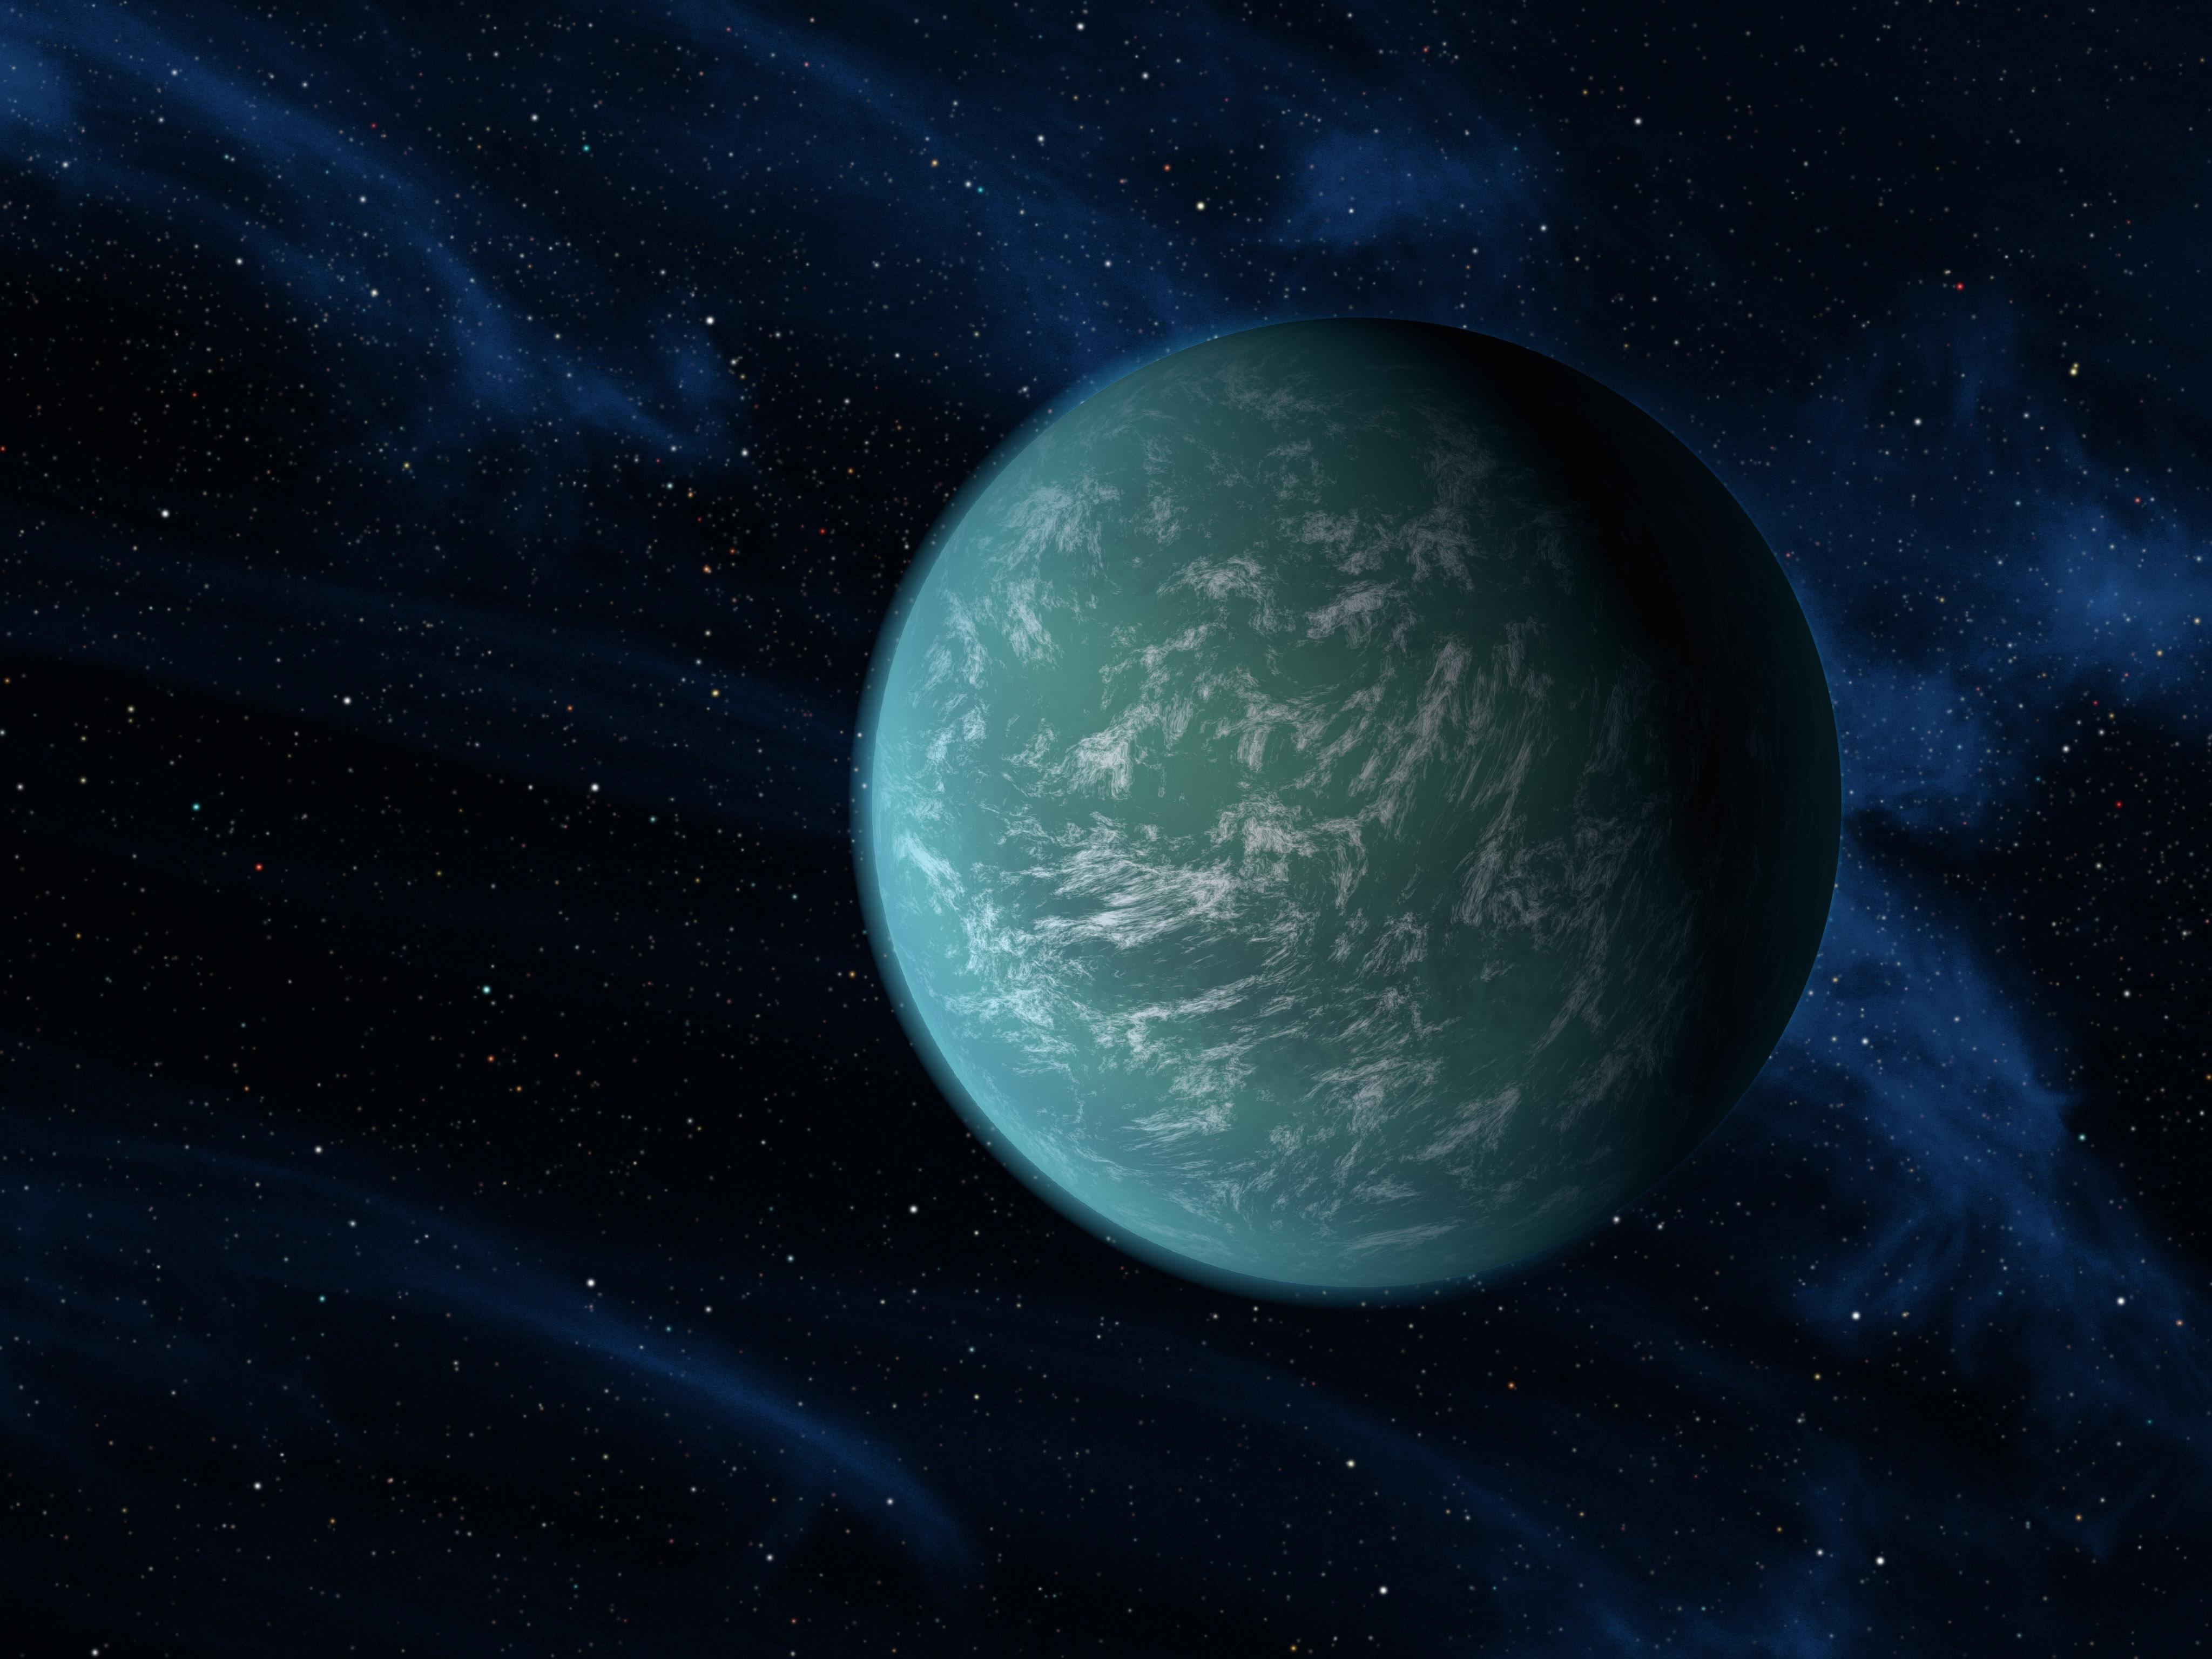 Artist's Depiction of Exoplanet Kepler 22b